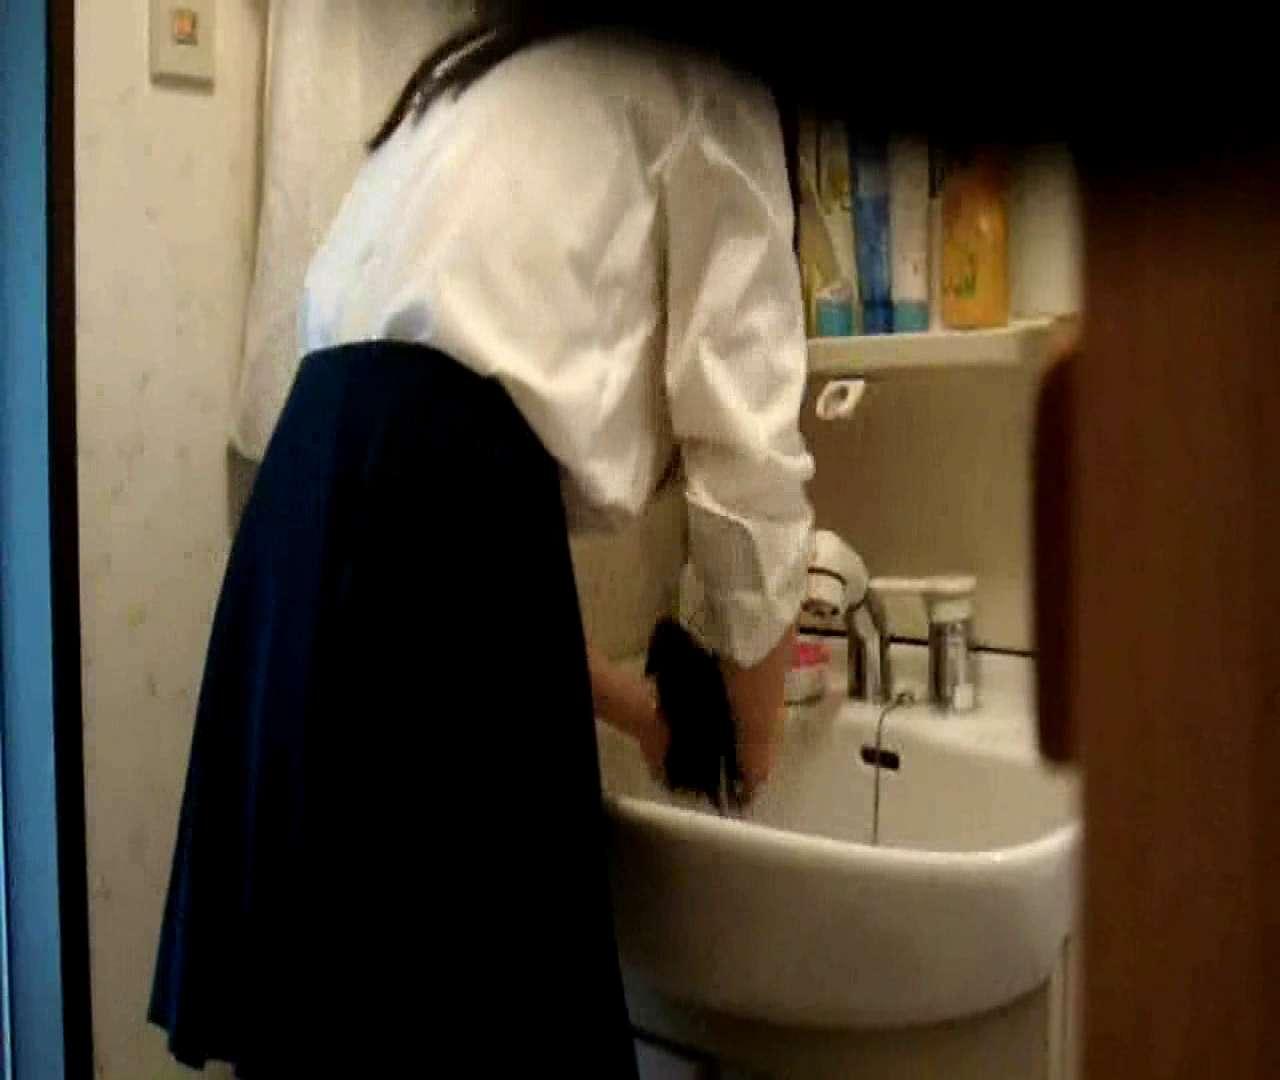 二人とも育てた甲斐がありました… vol.05 まどかが洗顔後にブラを洗濯 盗撮特集   おまんこ  86画像 78